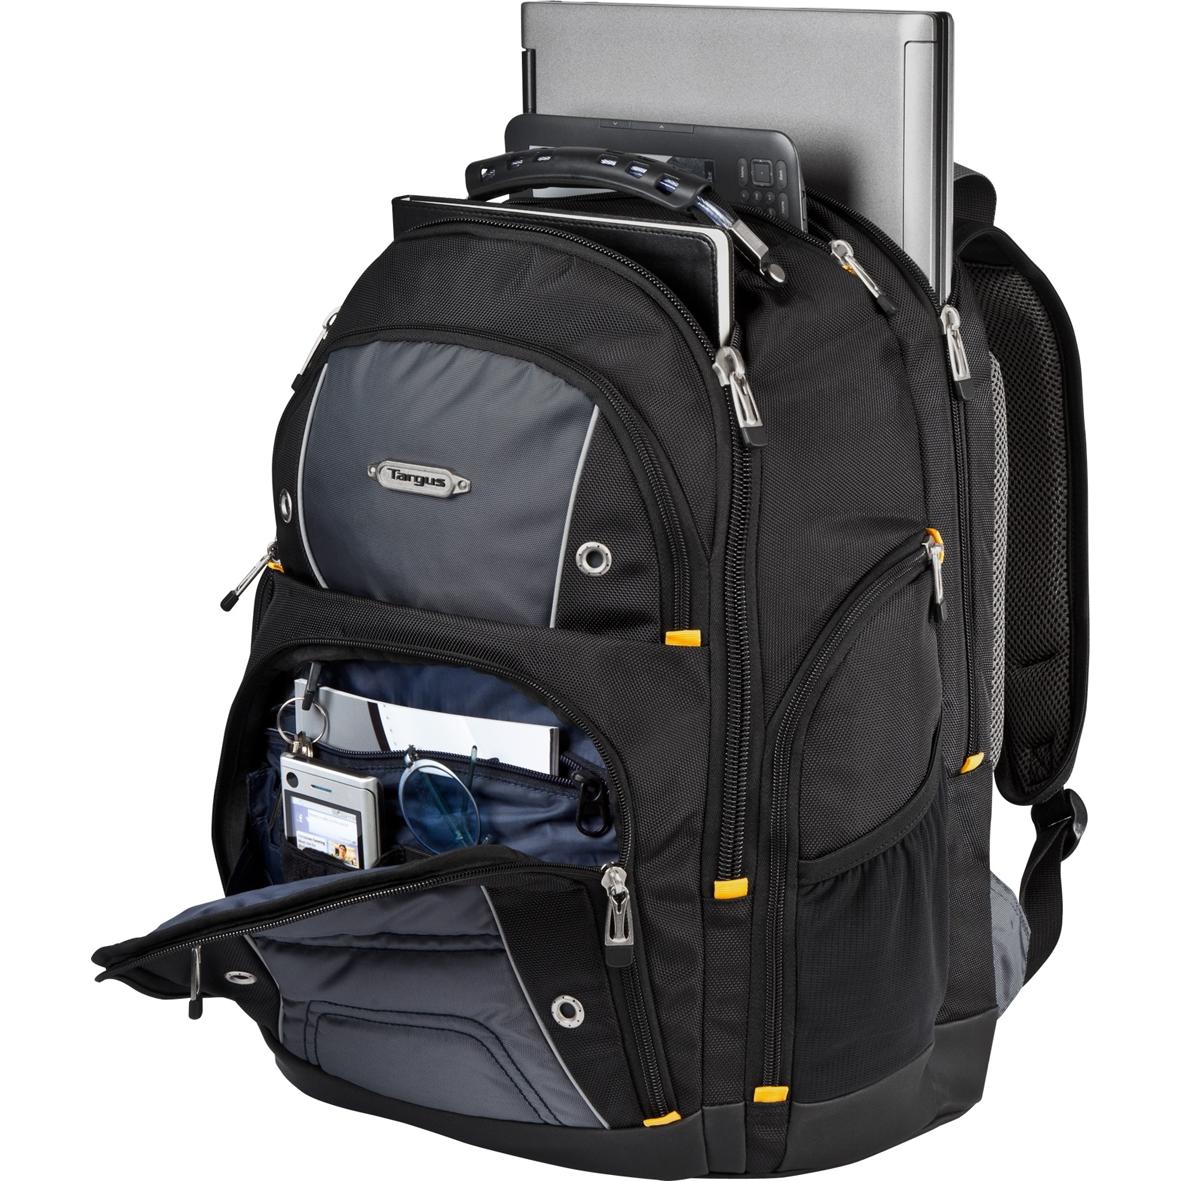 Drifter sac dos pour ordinateur portable taille 15 6 for Image pour ordinateur